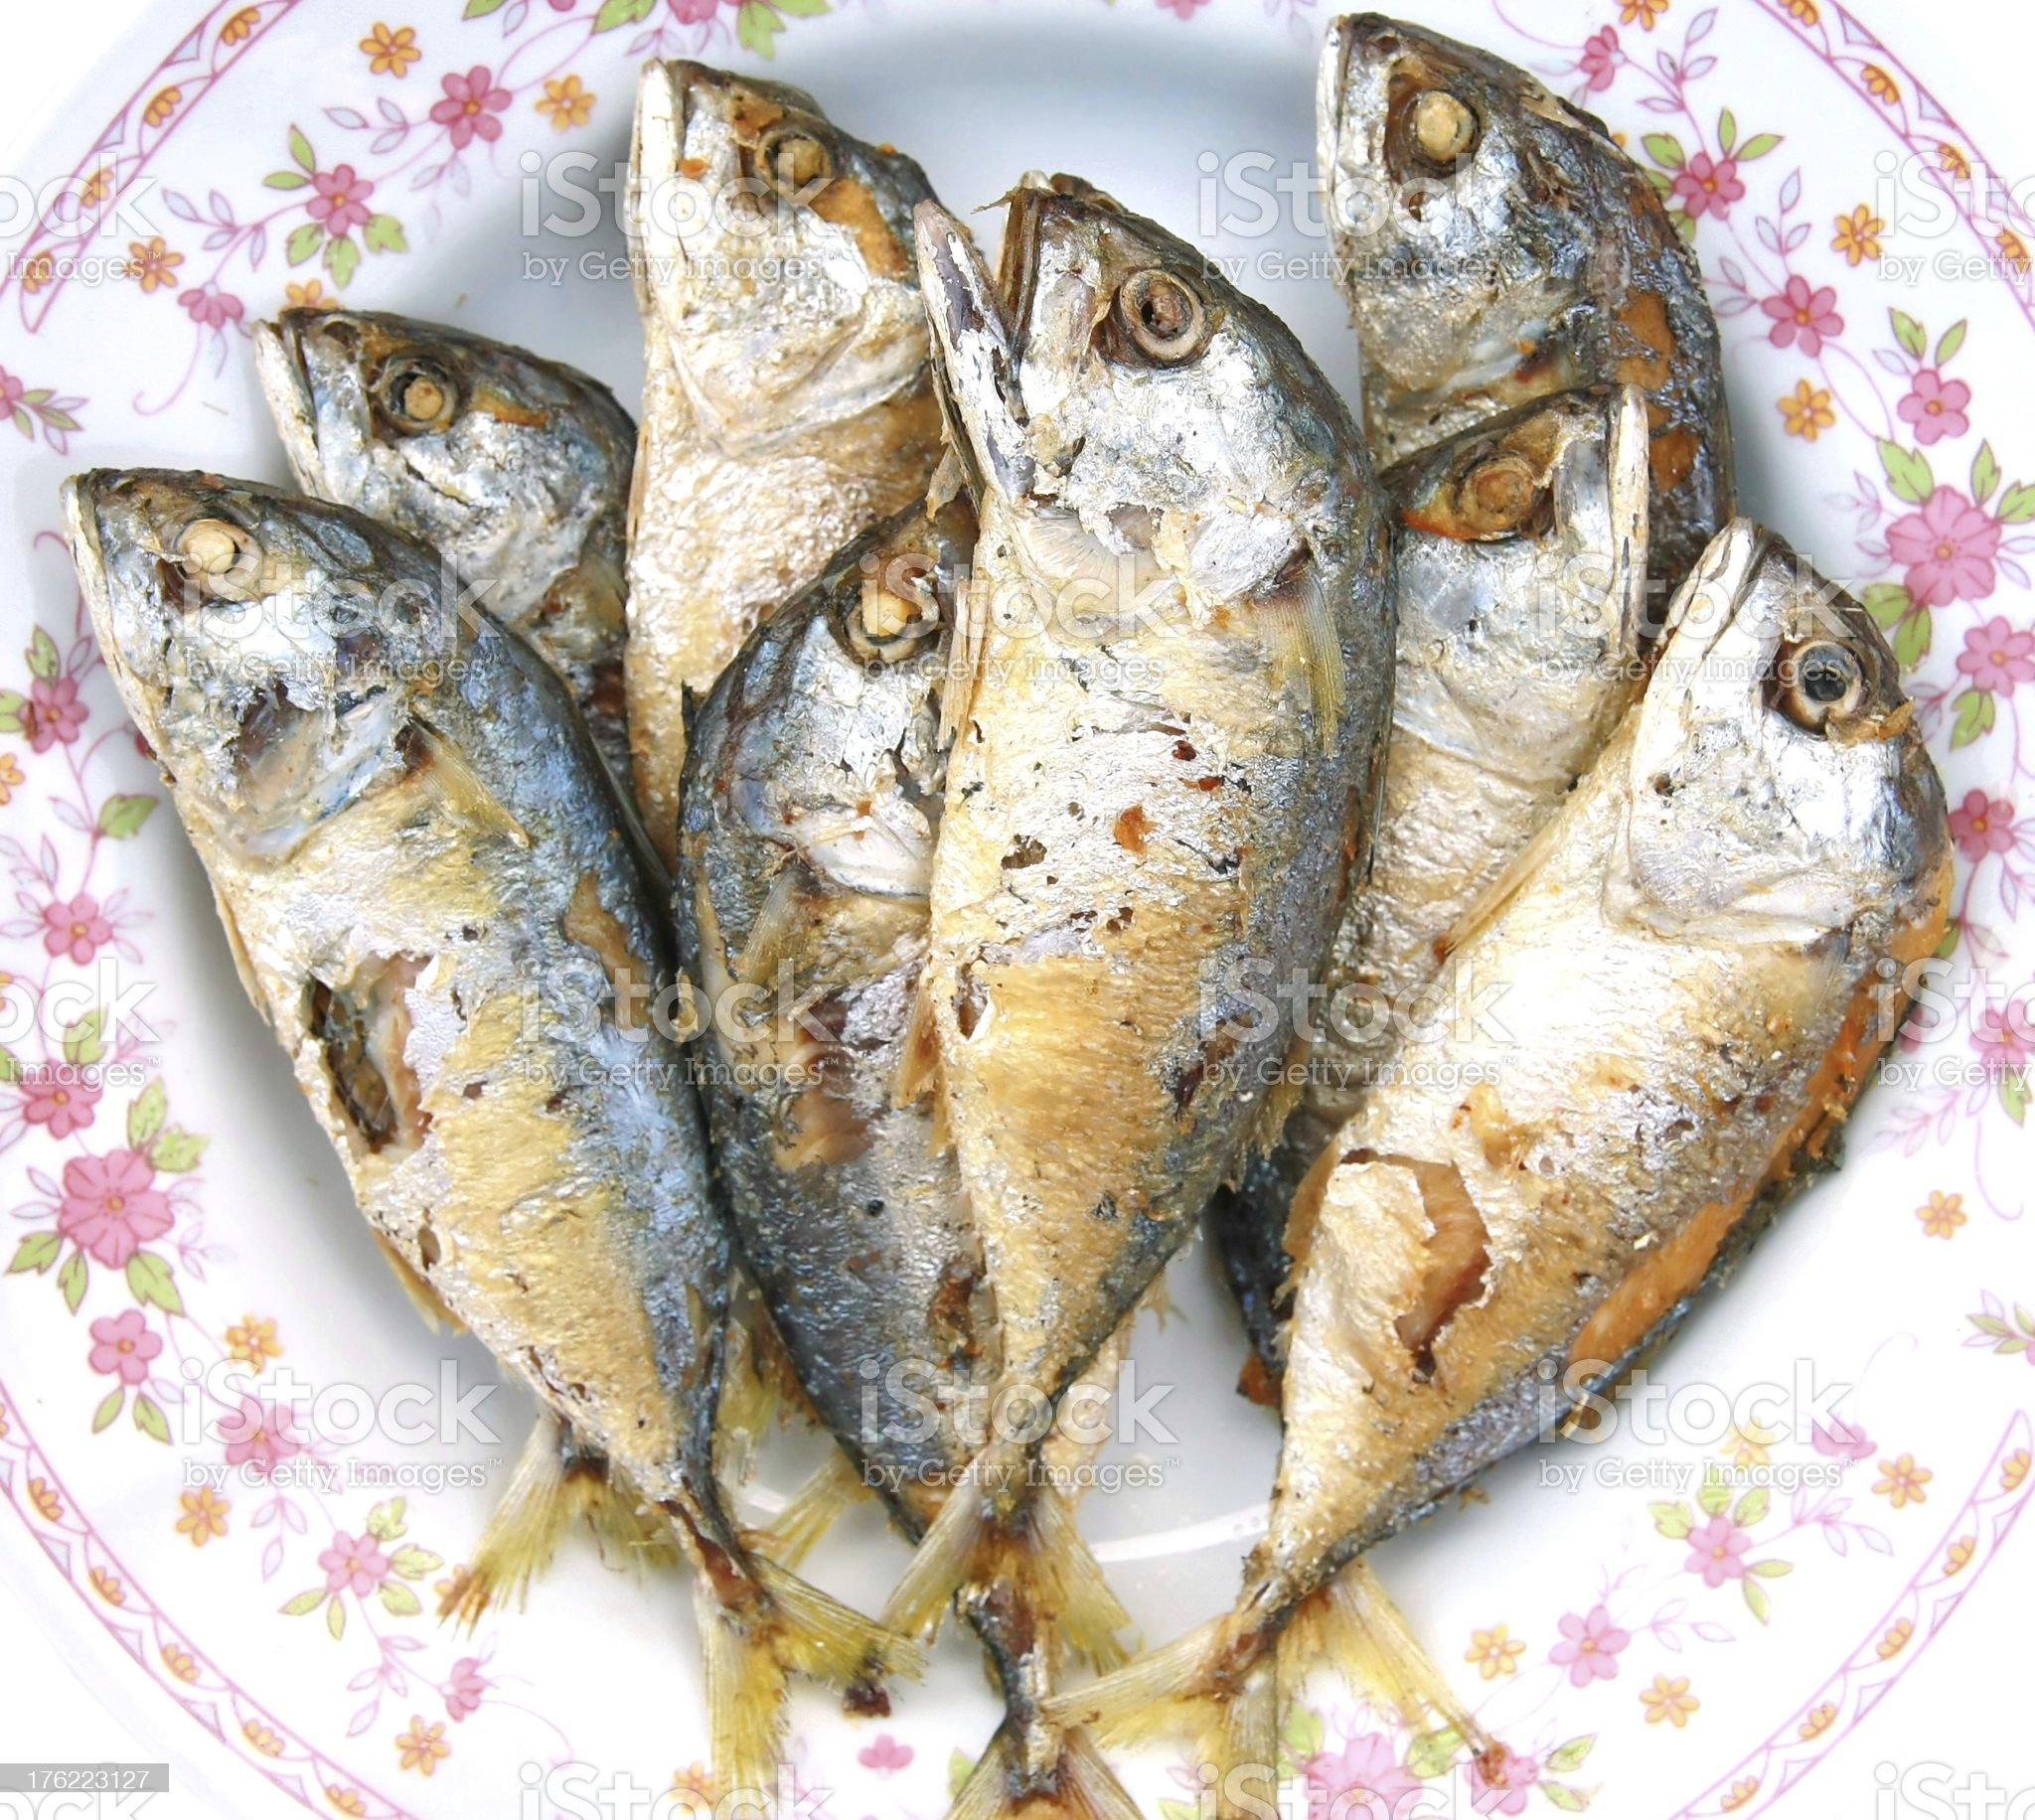 mackerel fried royalty-free stock photo